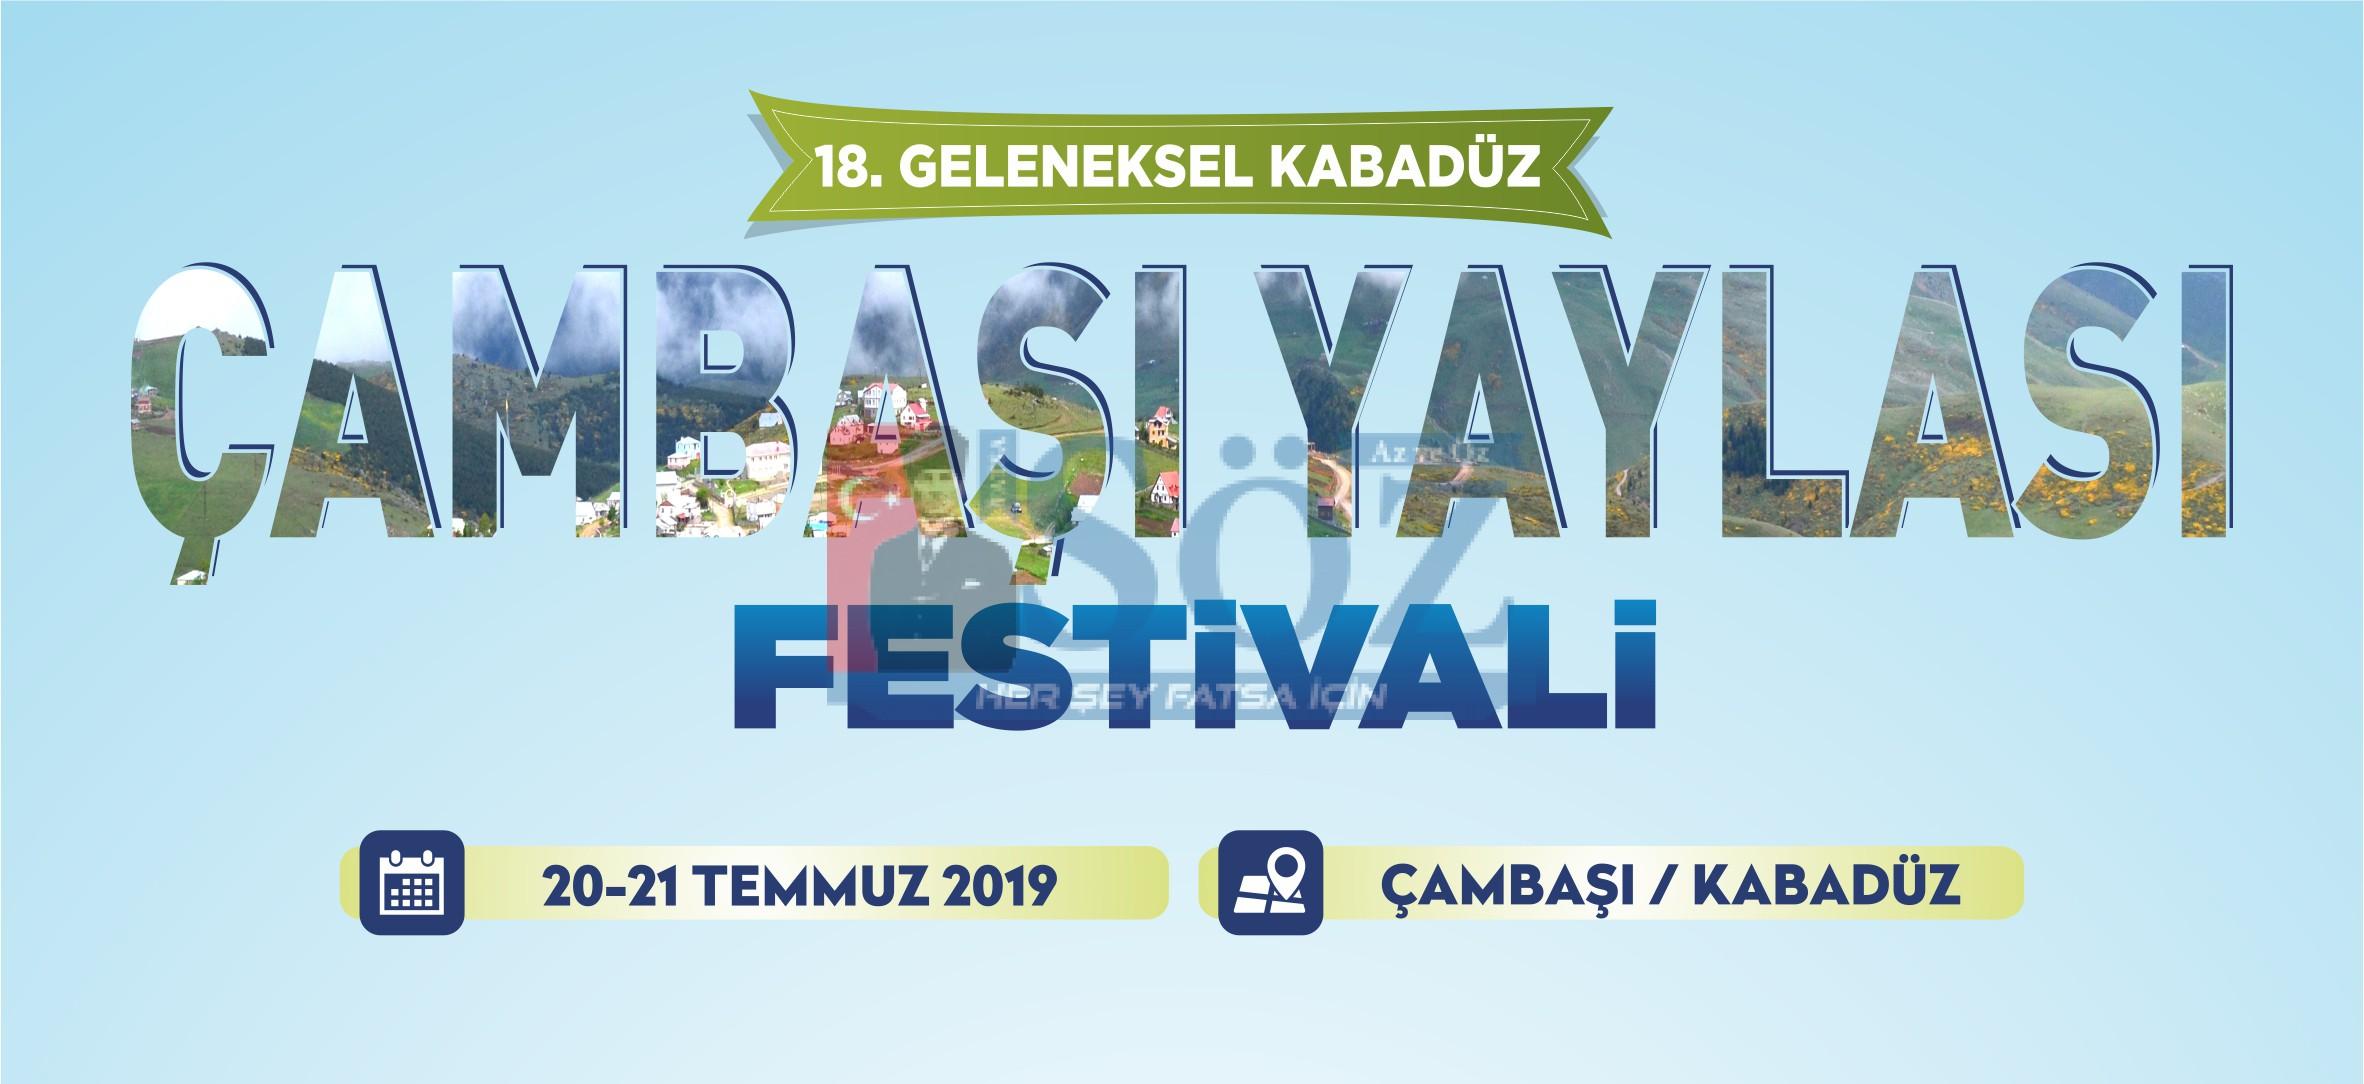 """""""18. GELENEKSEL ÇAMBAŞI YAYLASI ŞENLİKLERİ"""" BAŞLIYOR"""